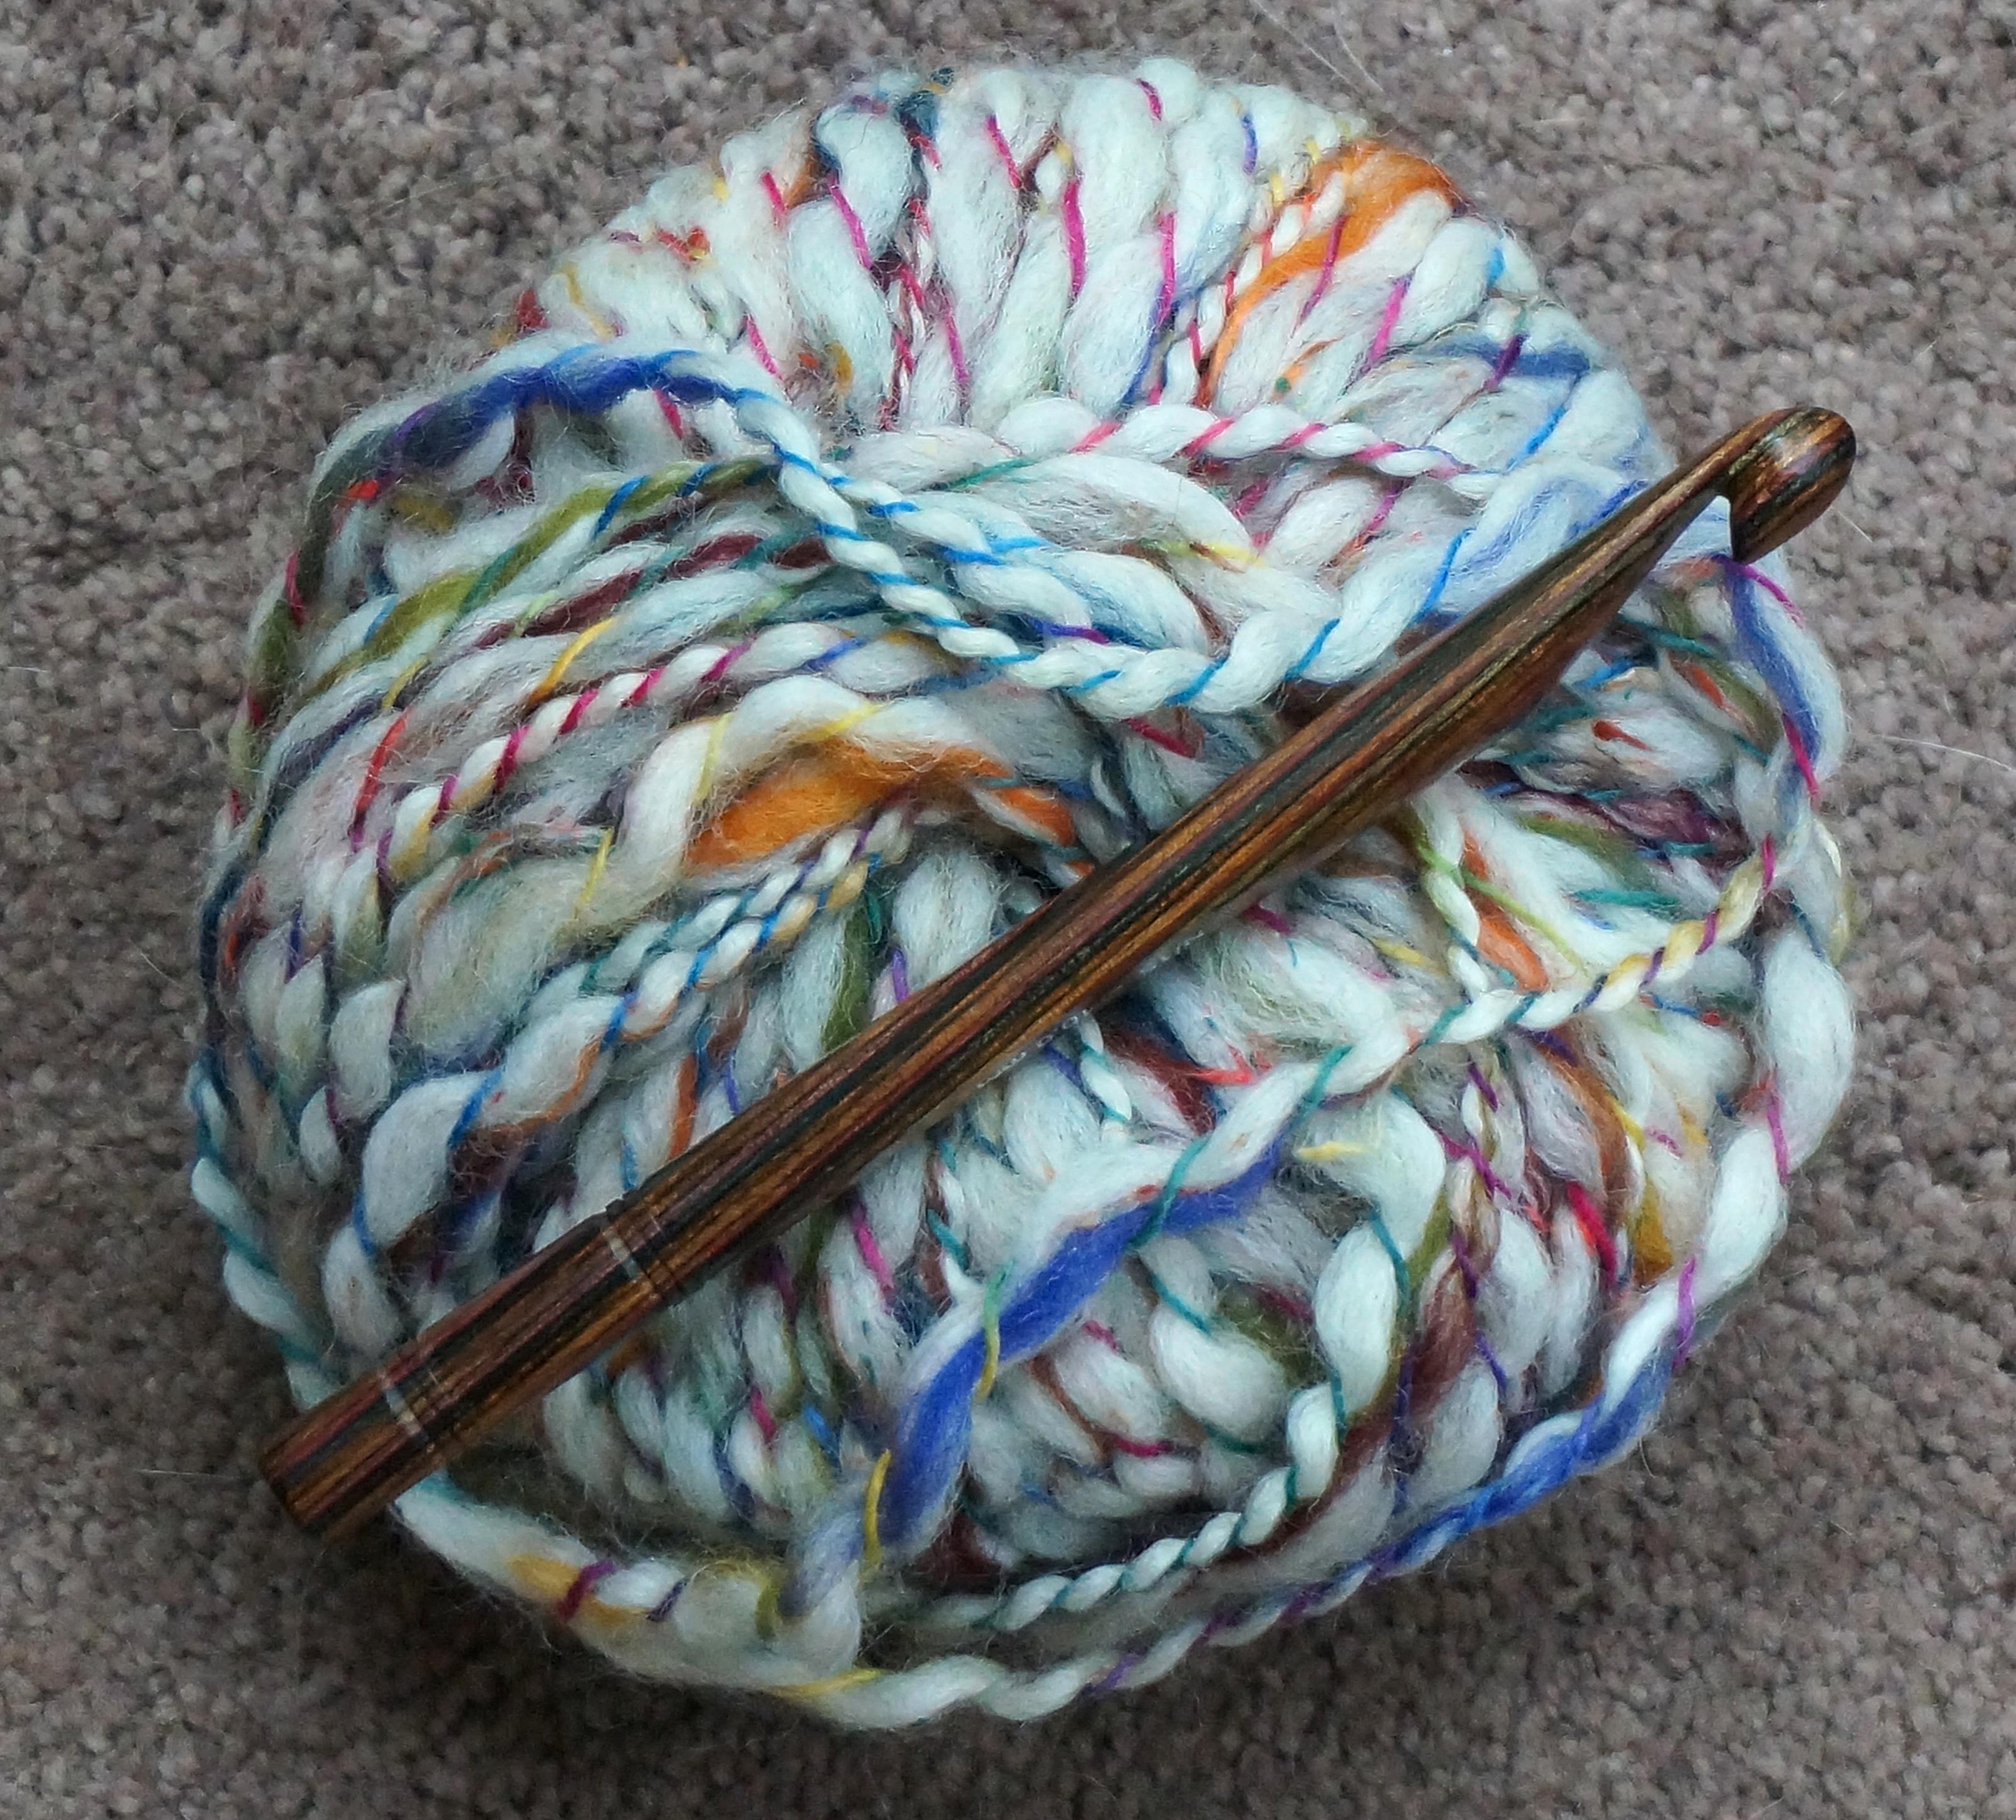 Fotos gratis : blanco, naranja, azul, arte, vistoso, hilo, lana ...